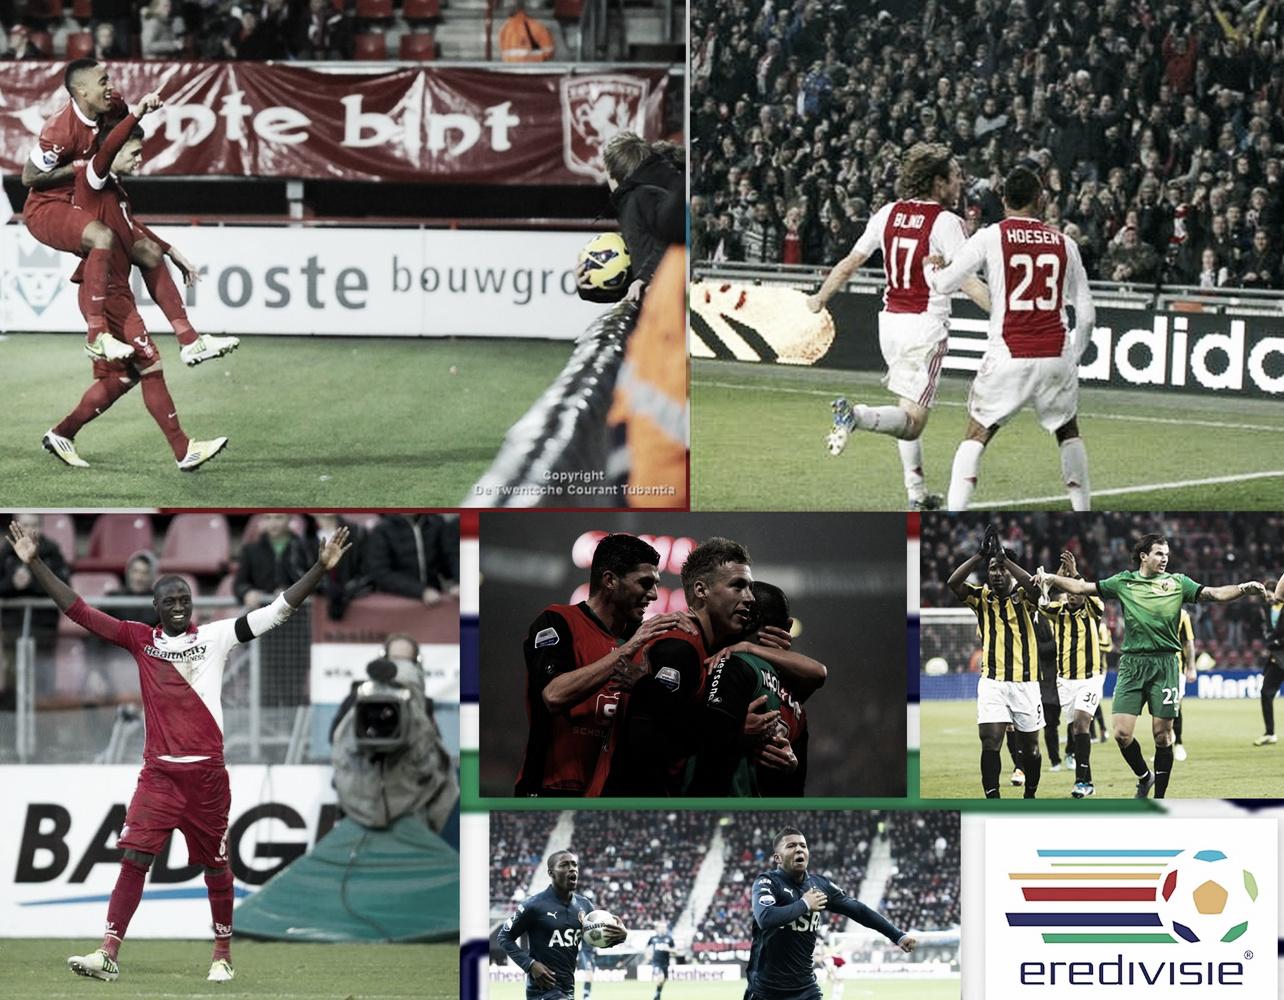 Previa Jornada 16 de la Eredivisie: el podio y el liderato amenazan con cambiar de dueños